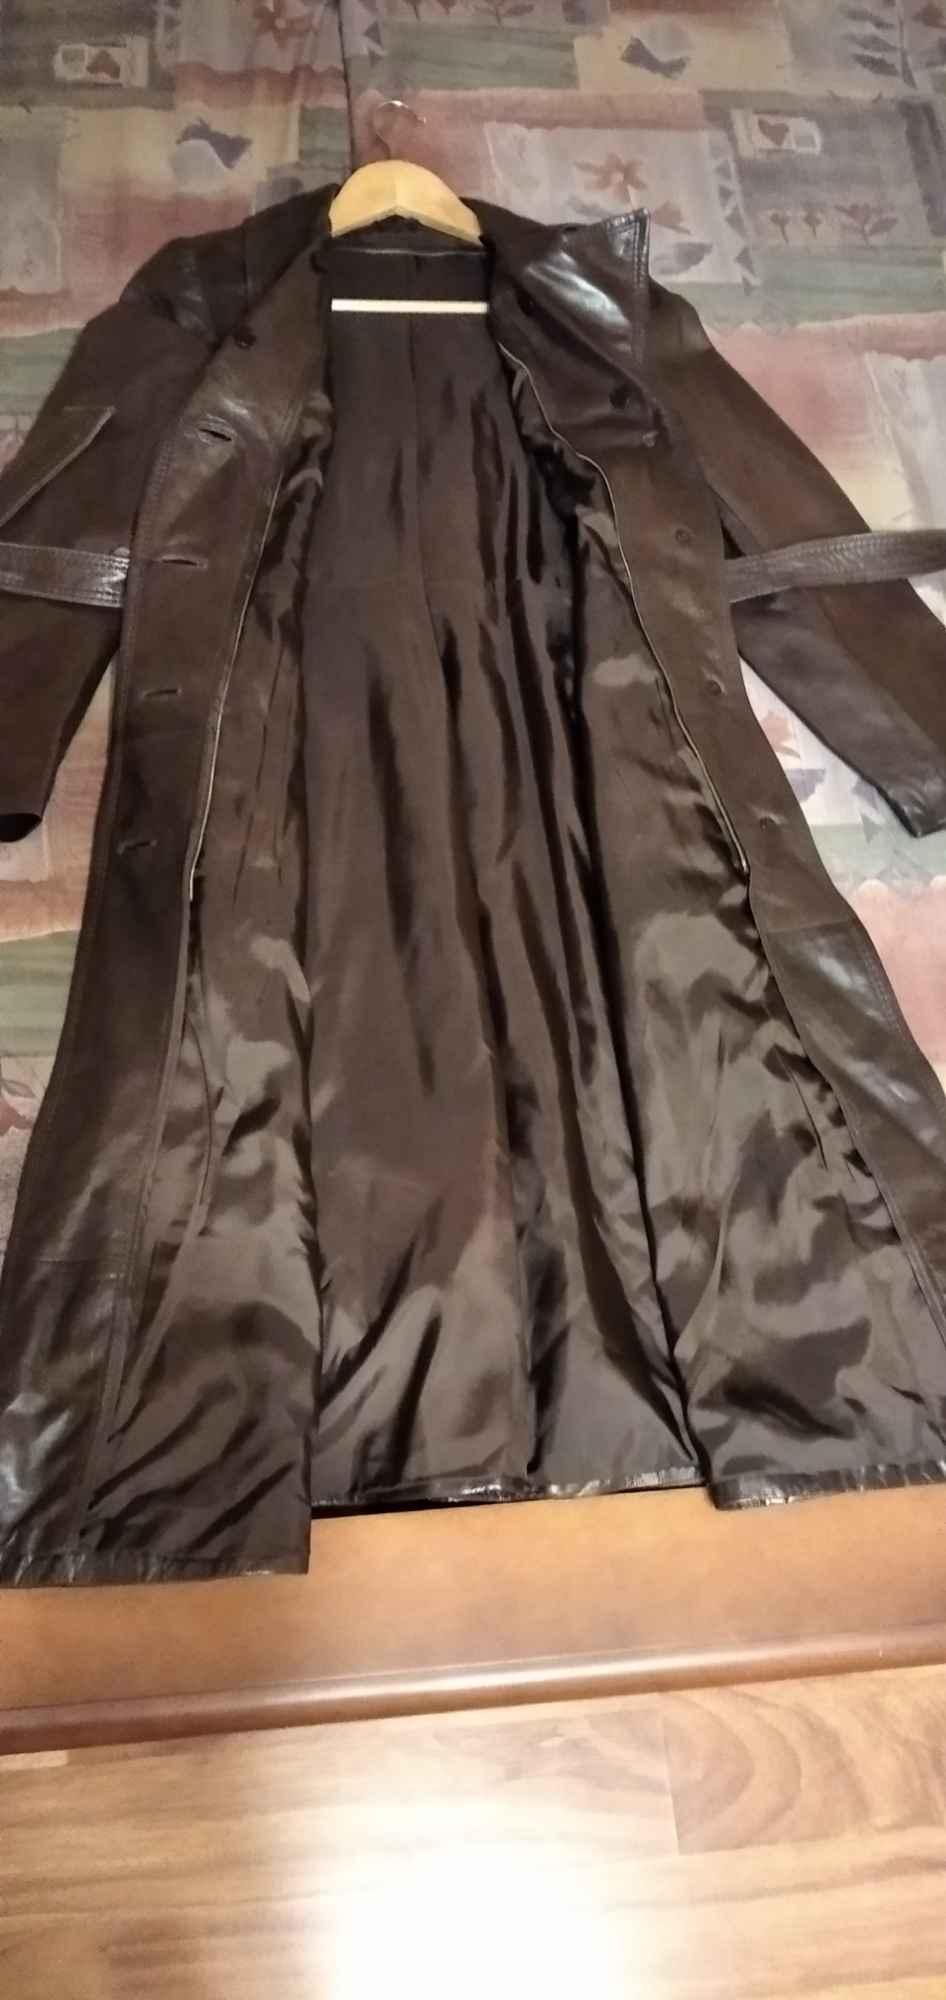 Sprzedam nowy ,skórzany, brązowy płaszcz damski Gdynia - zdjęcie 8